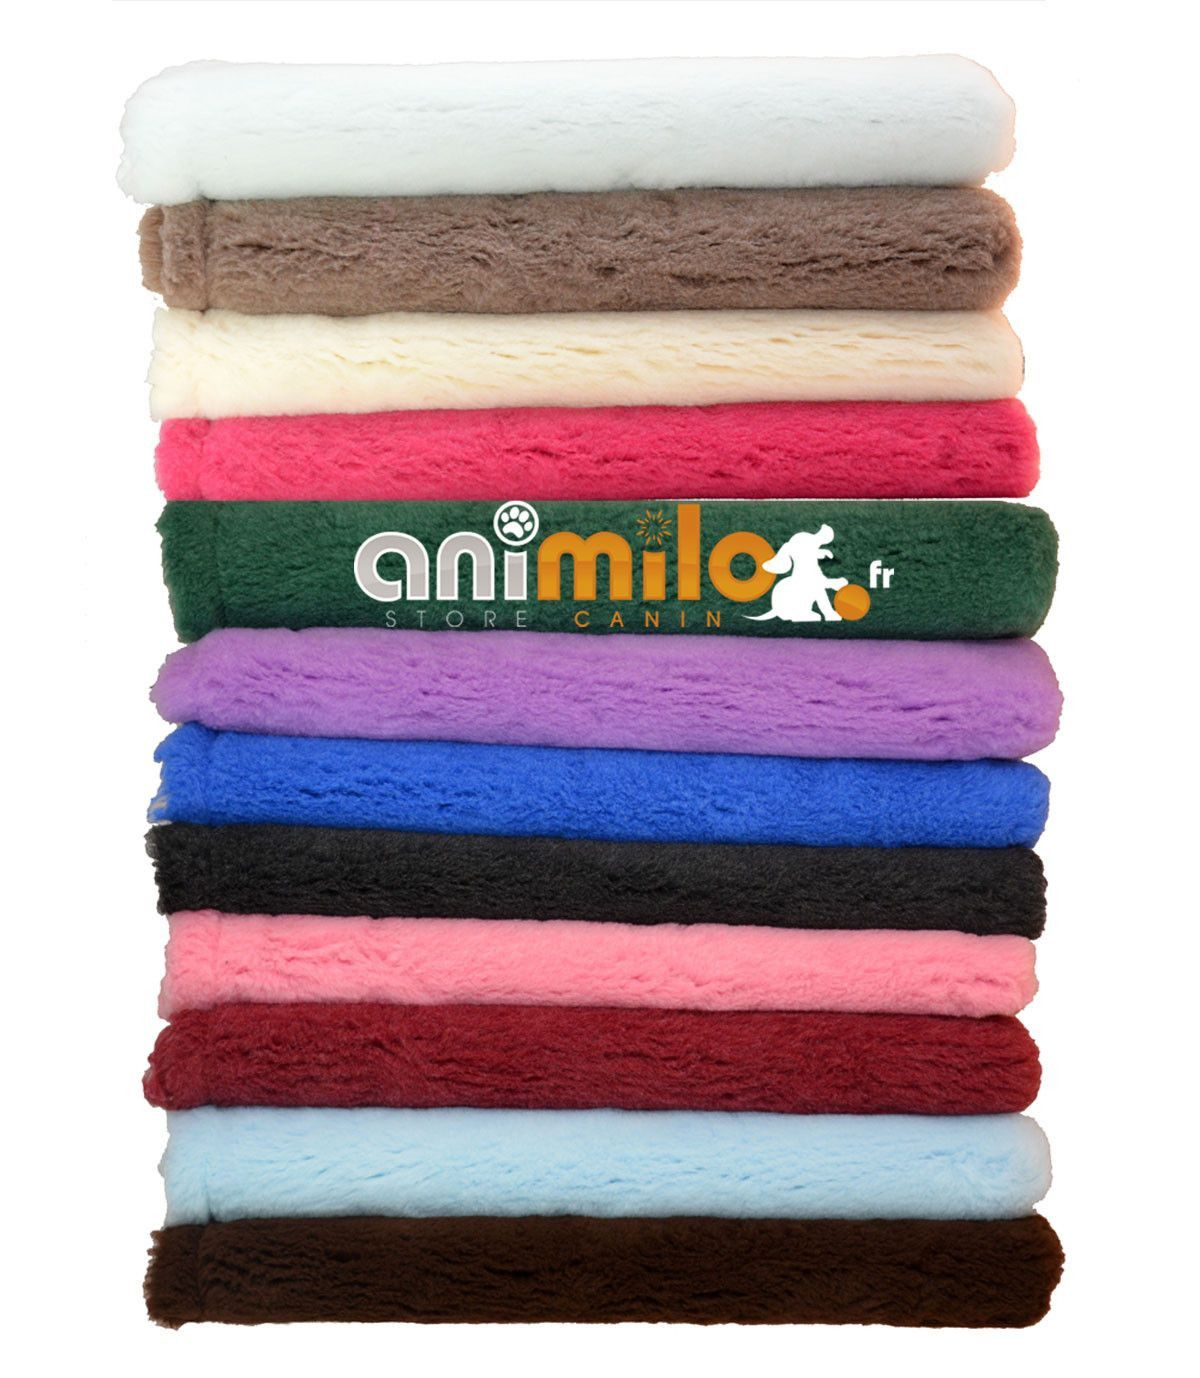 PROMO 3x tapis drainant Confortbed Eleveur couleur unie 32 mm